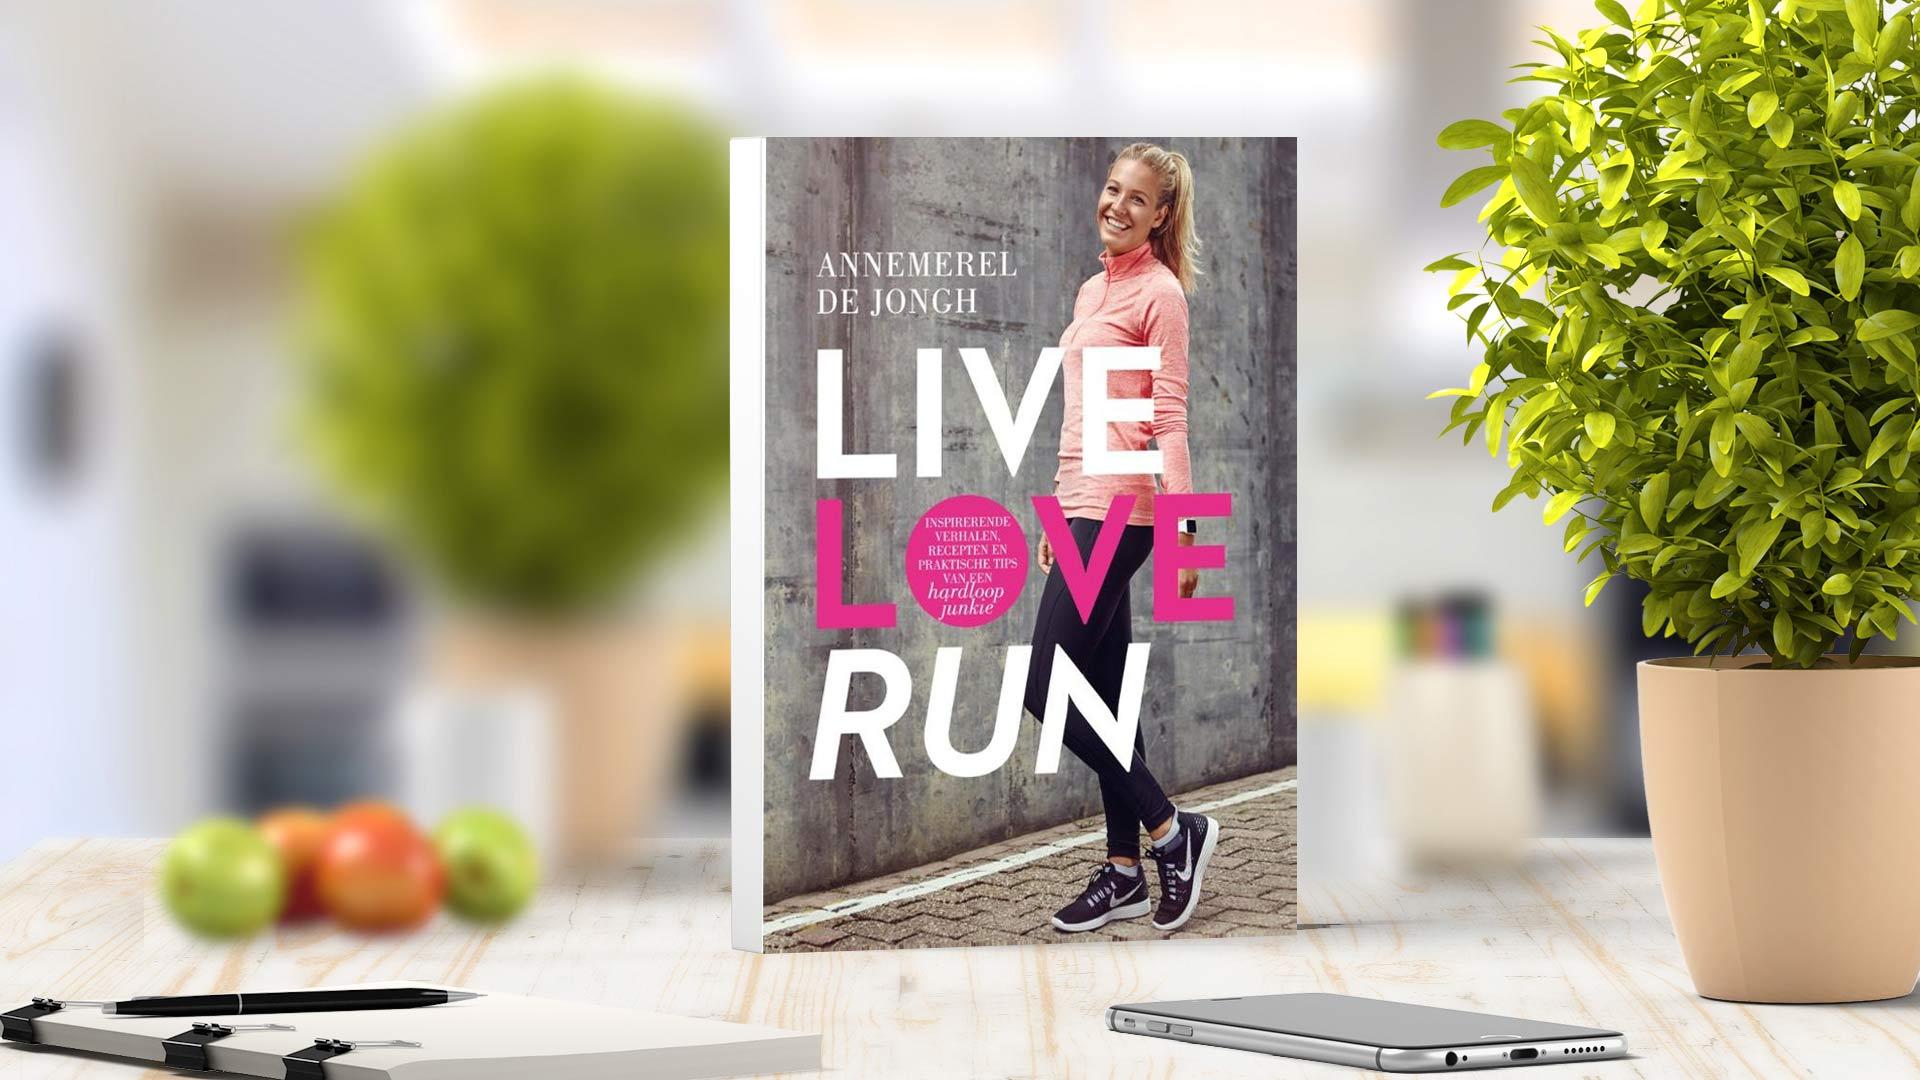 boek-recensie-annemerel-live-love-run